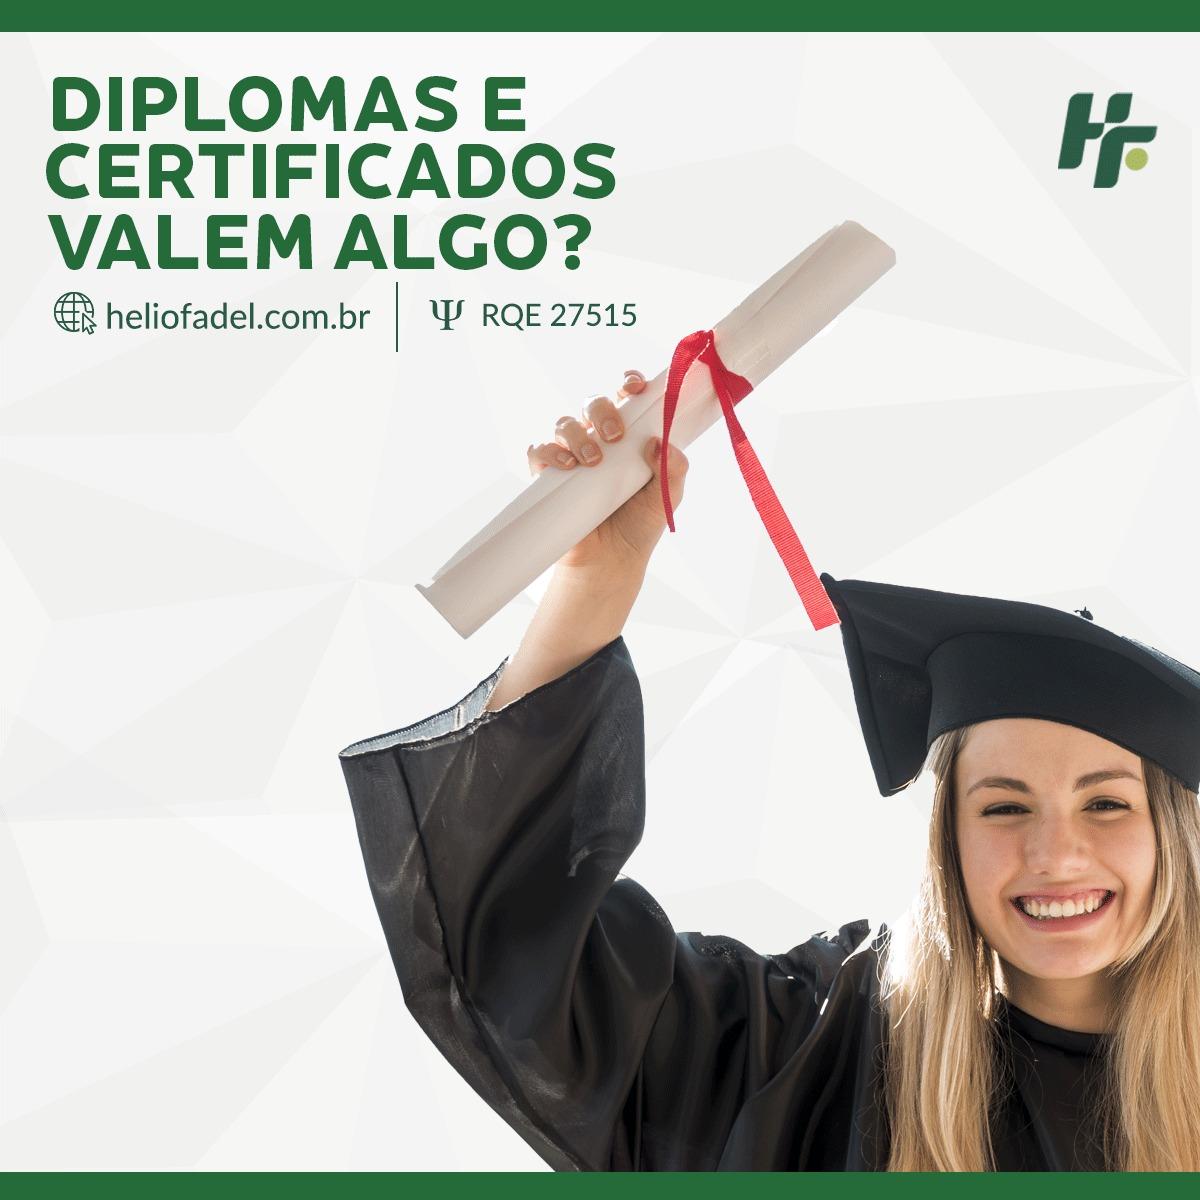 Diplomas e certificados - Diplomas e certificados são relevantes?